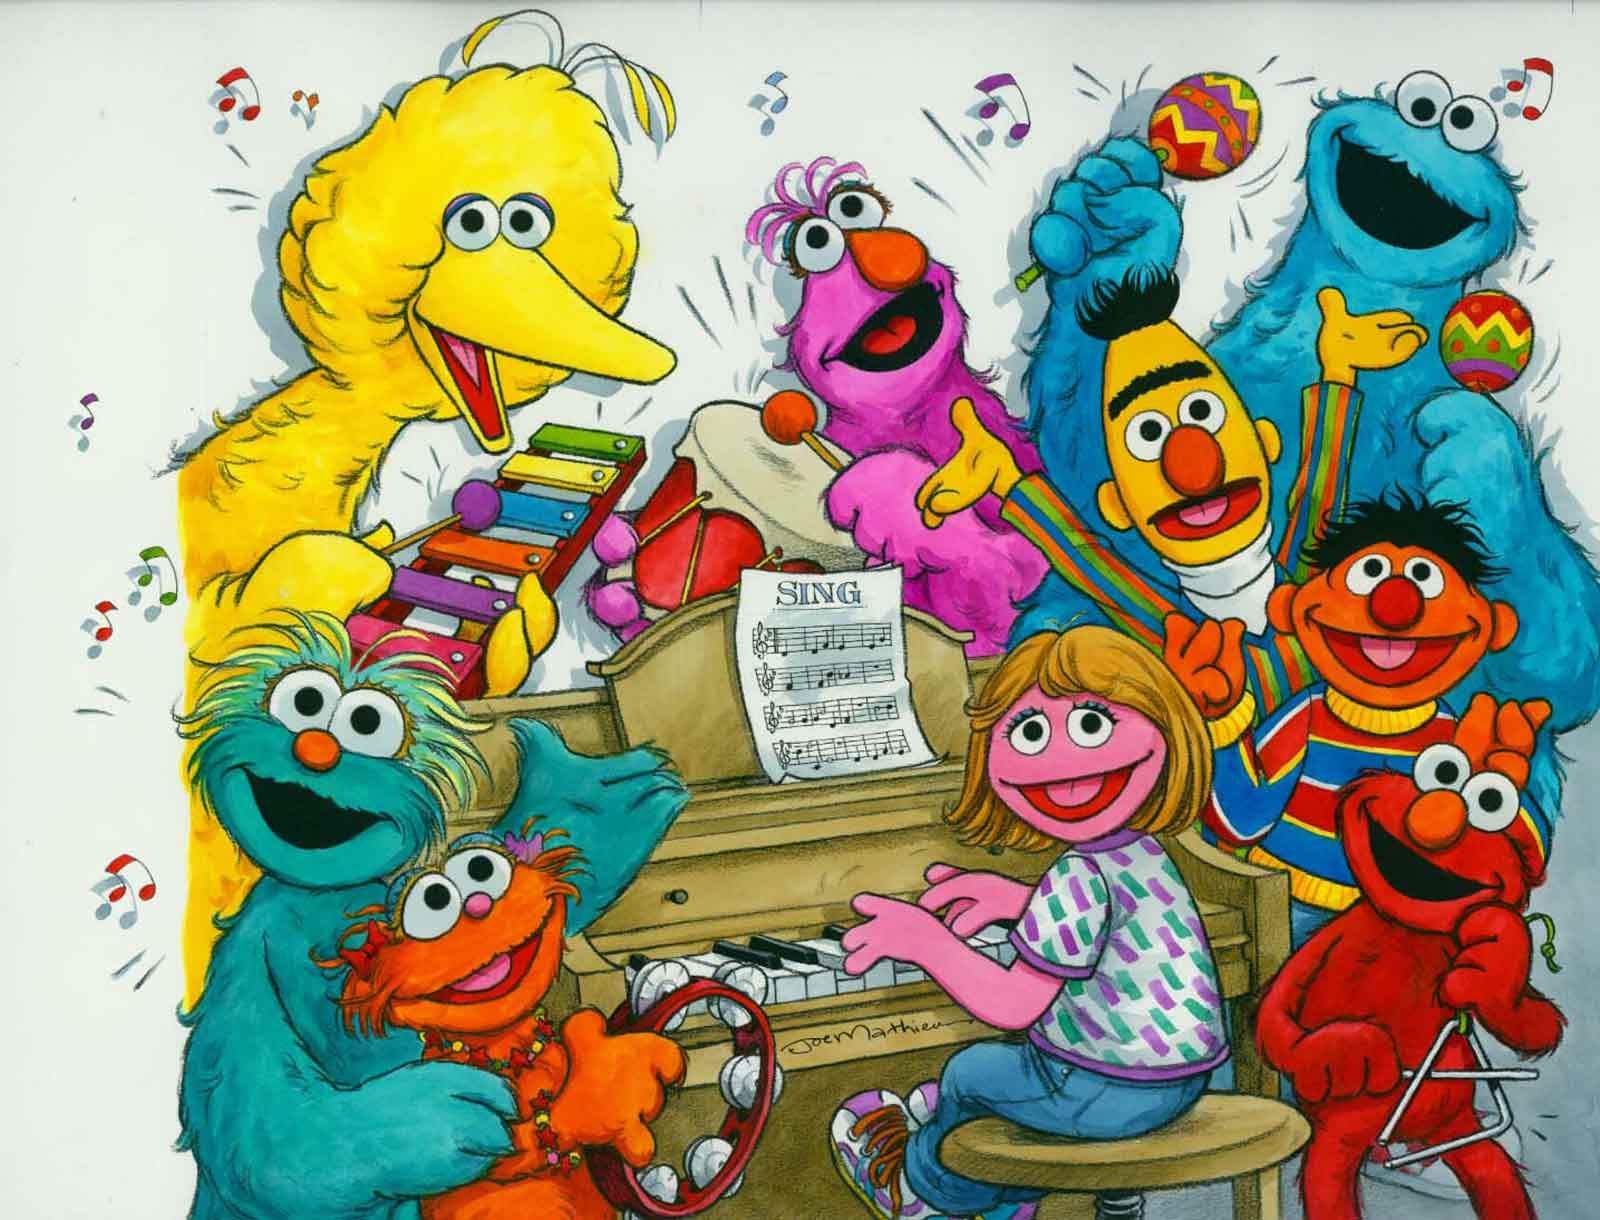 Sesame Street Sing